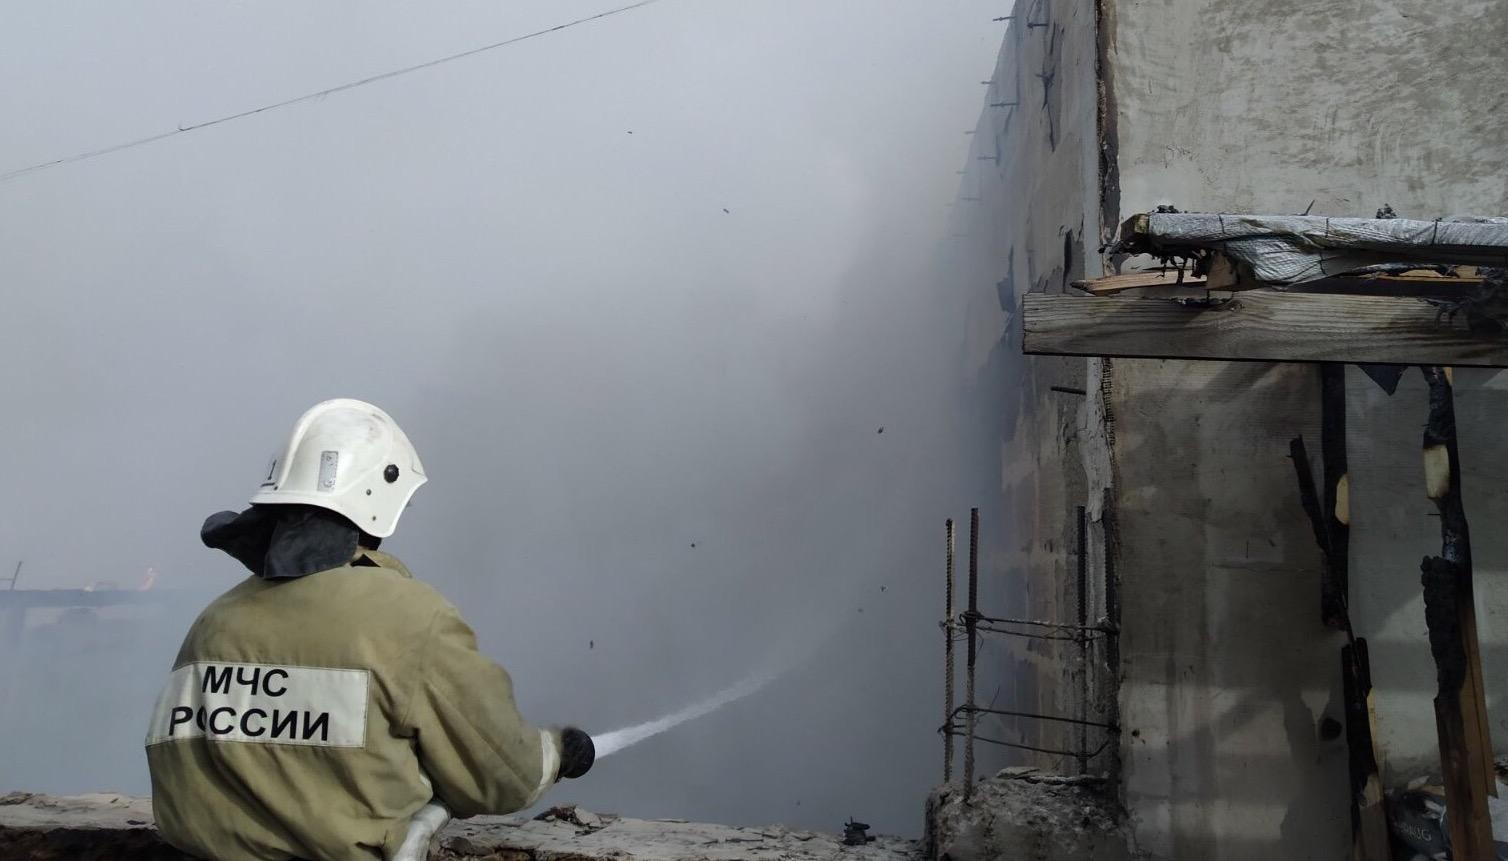 Огонь едва не перекинулся на жилой дом: в Севастополе утром сгорел магазин